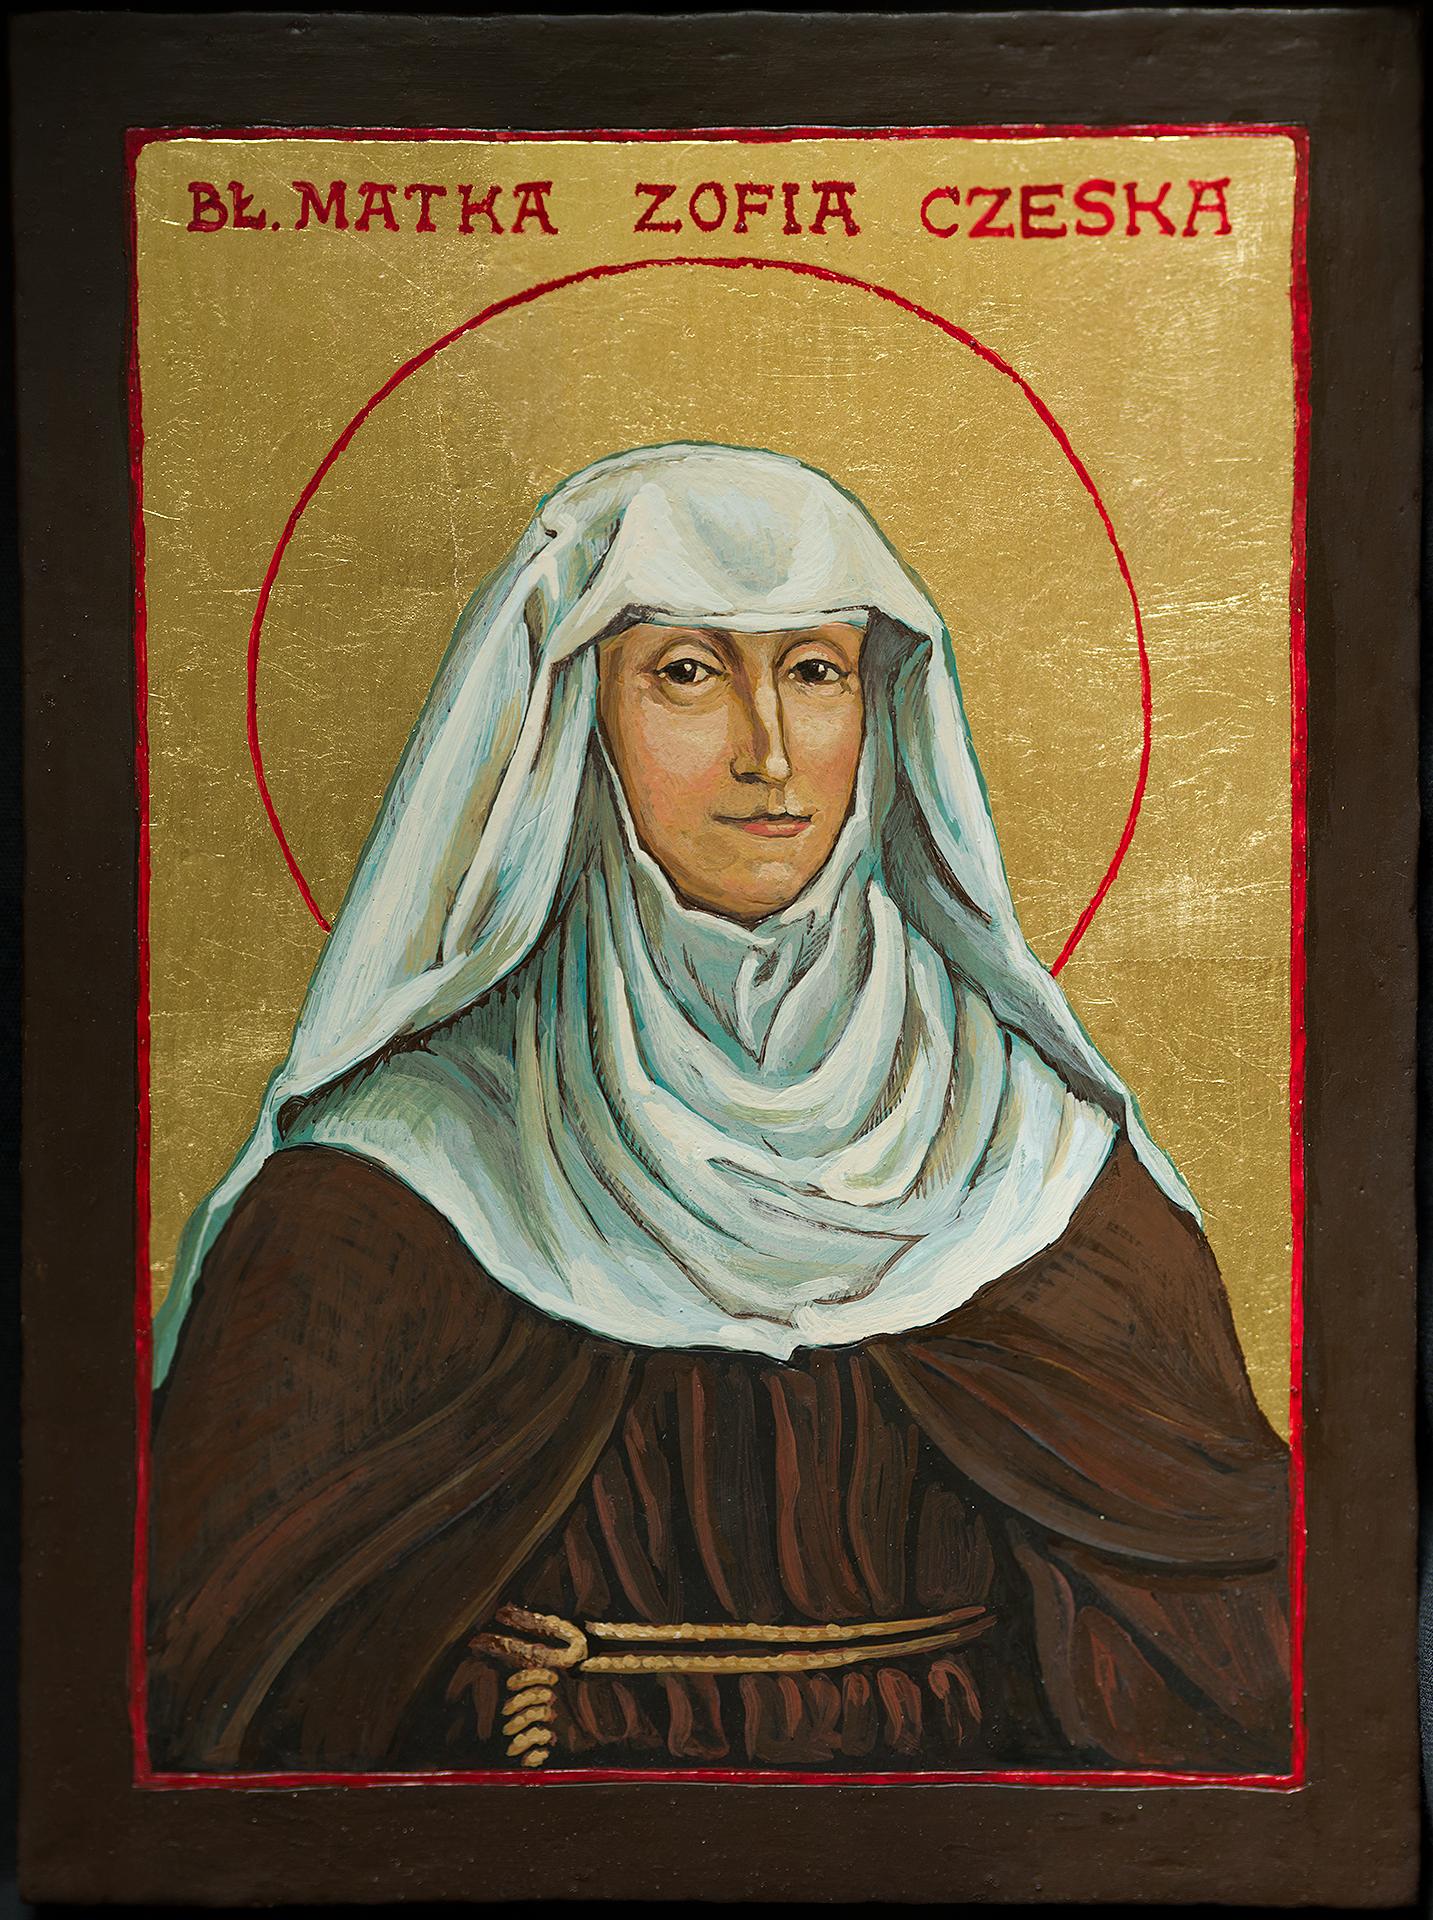 Błogosławiona Matka Zofia Czeska